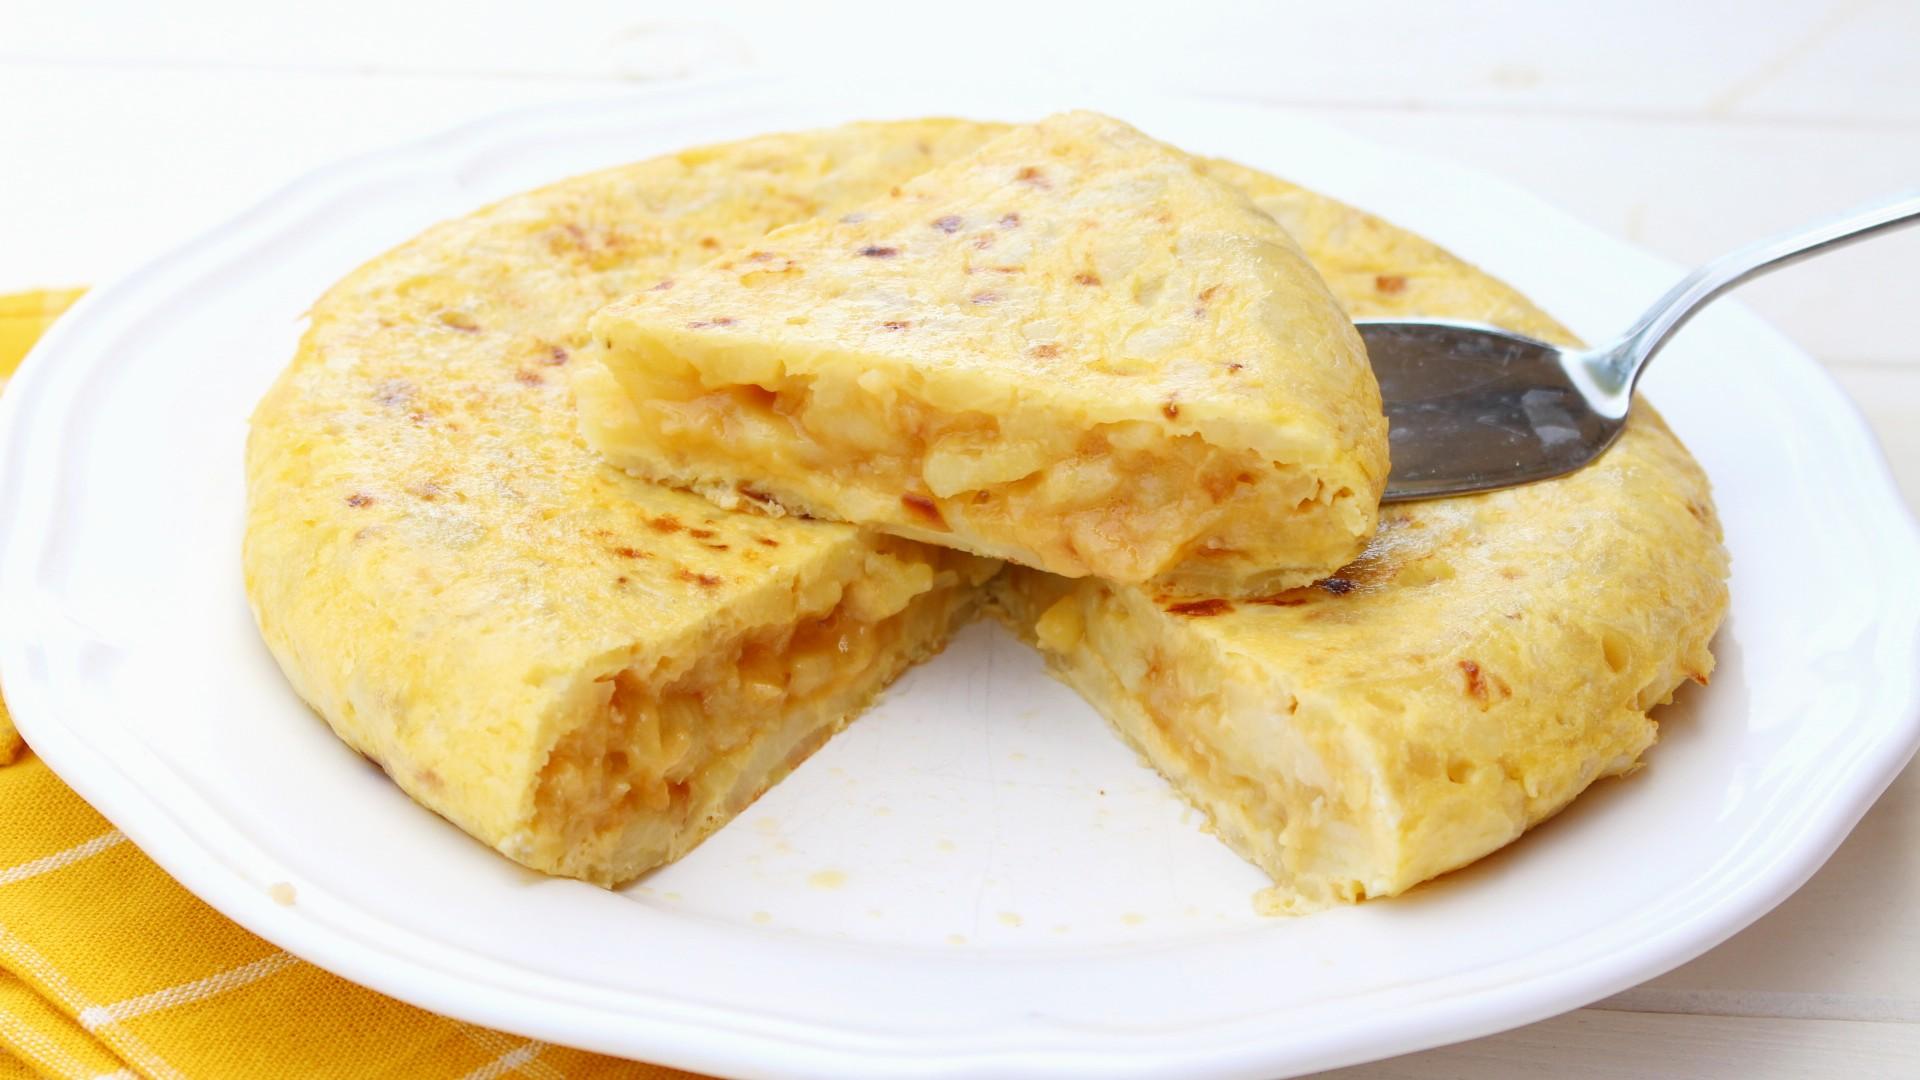 Receta de tortilla de patata light